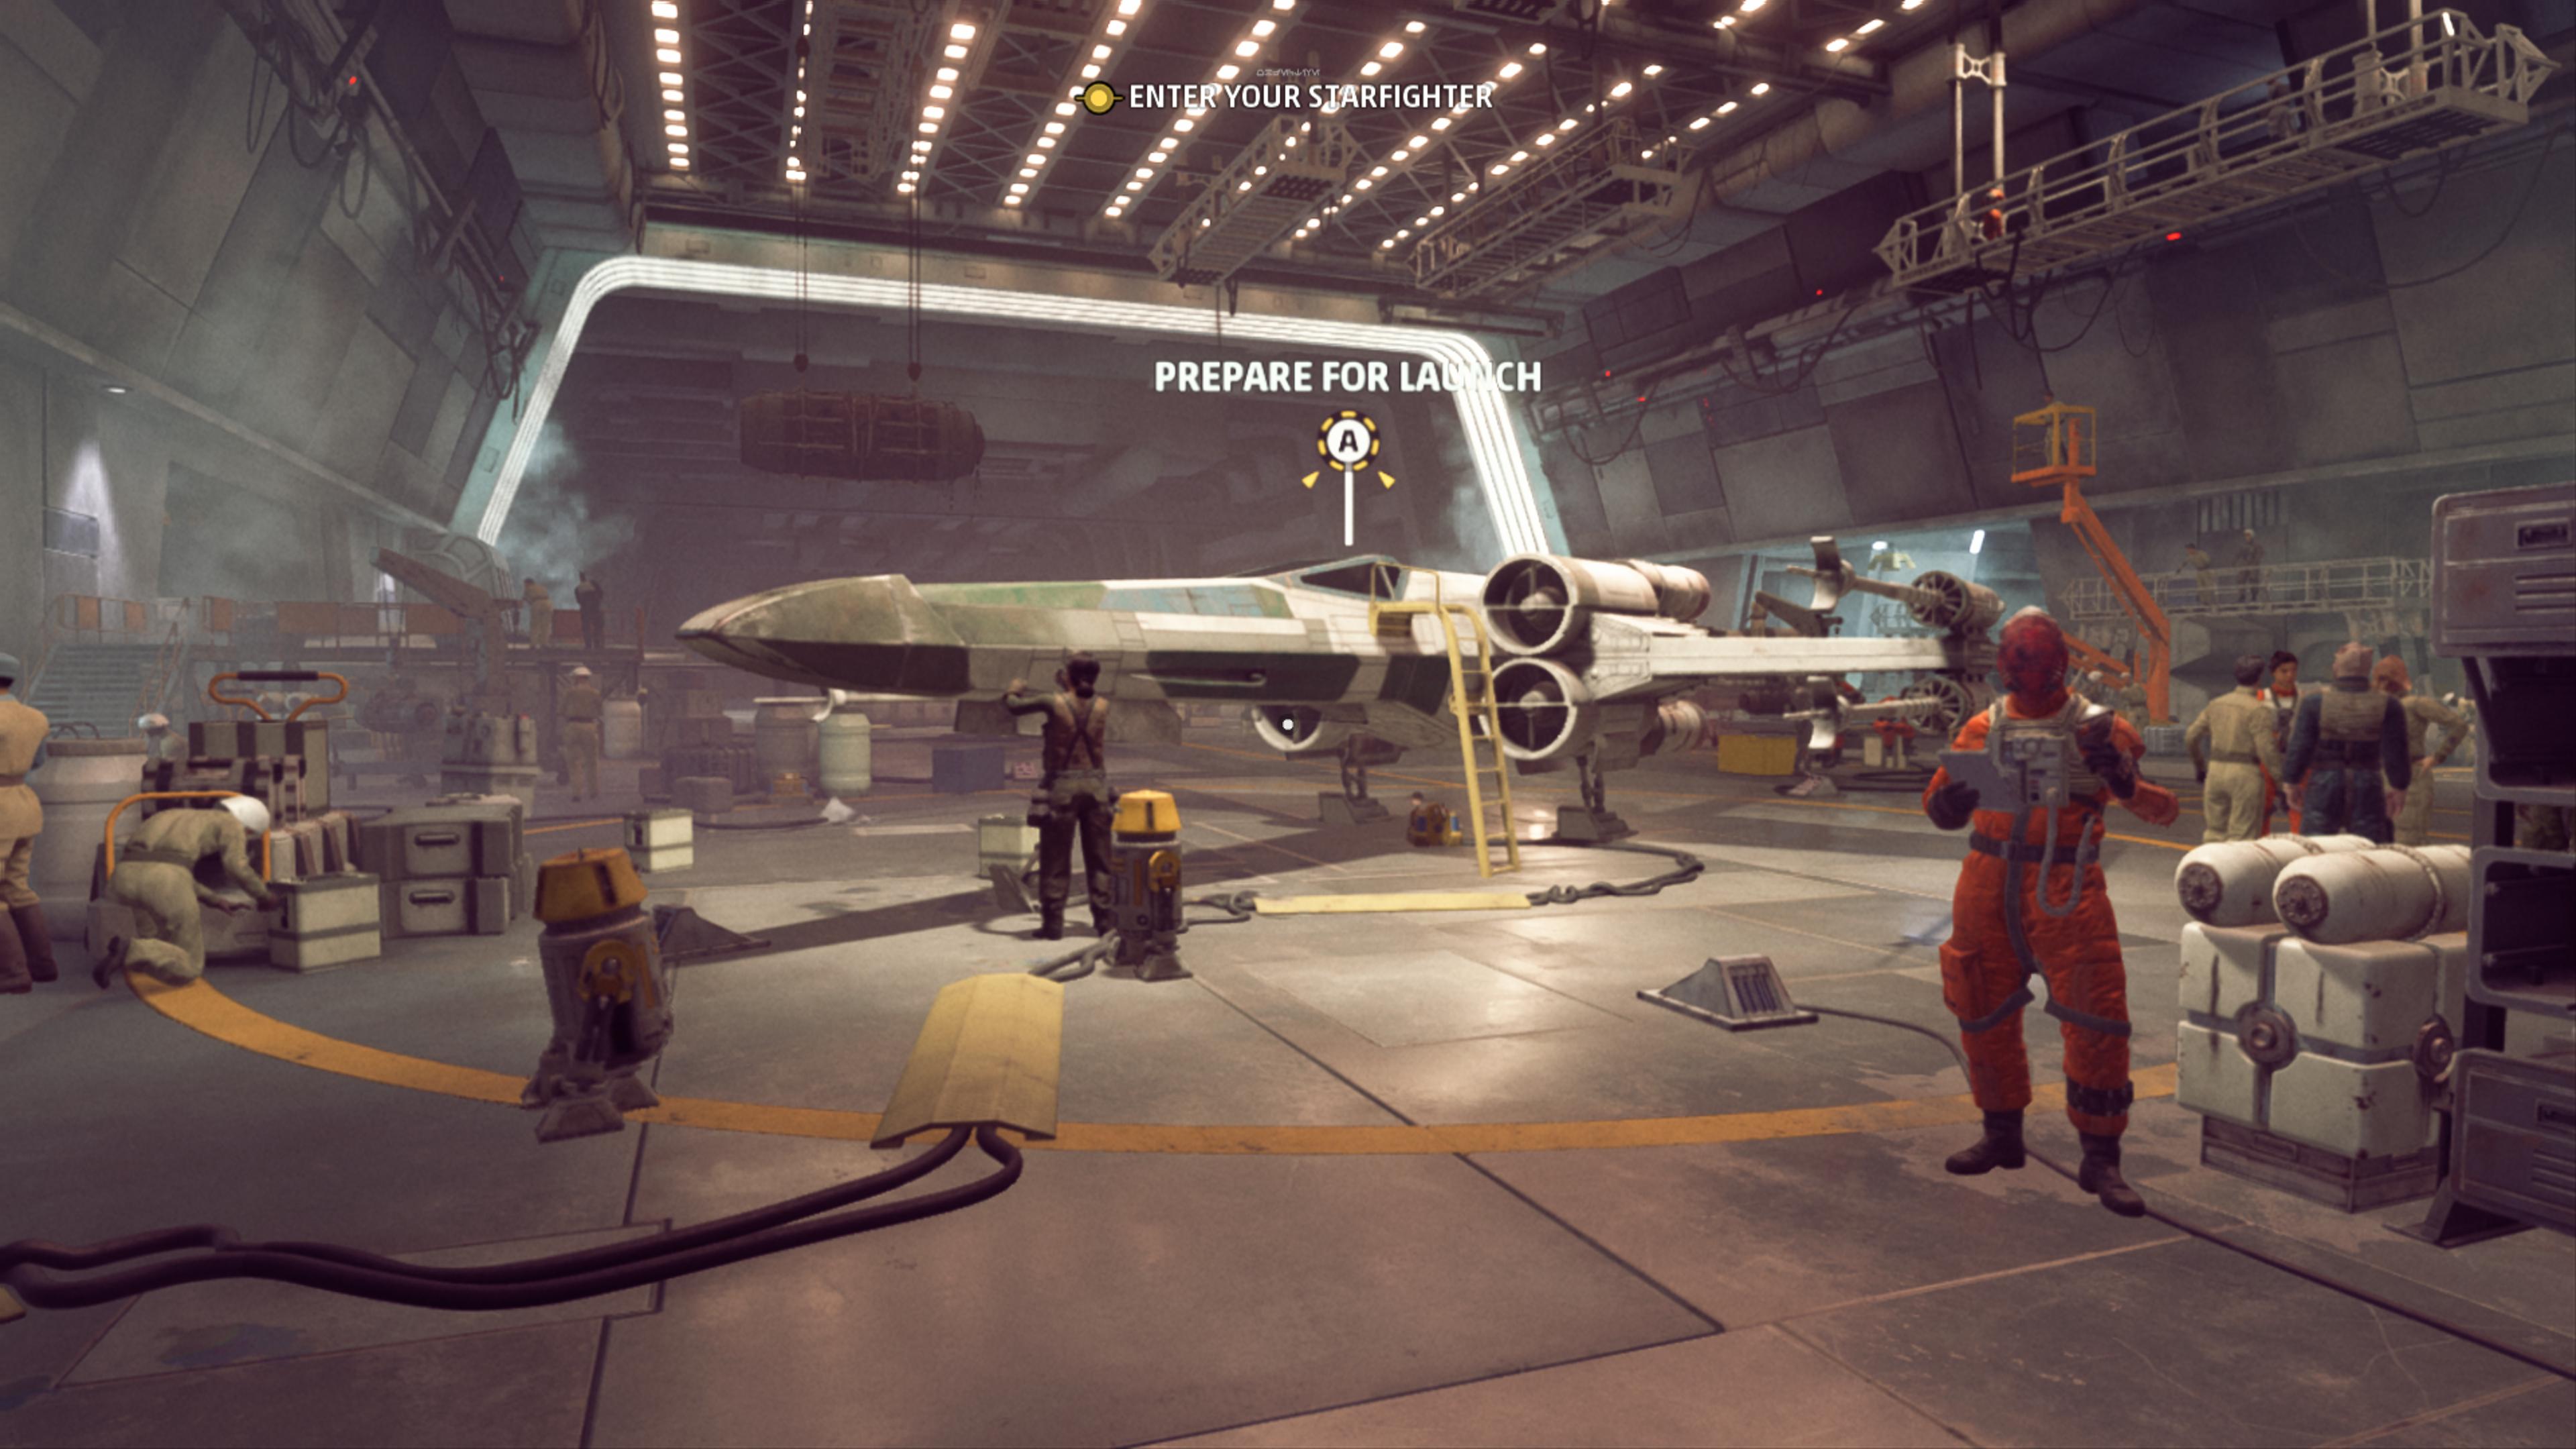 Le temps passé entre les missions peut être utilisé pour bavarder avec ses collègues et explorer les options pour son chasseur.